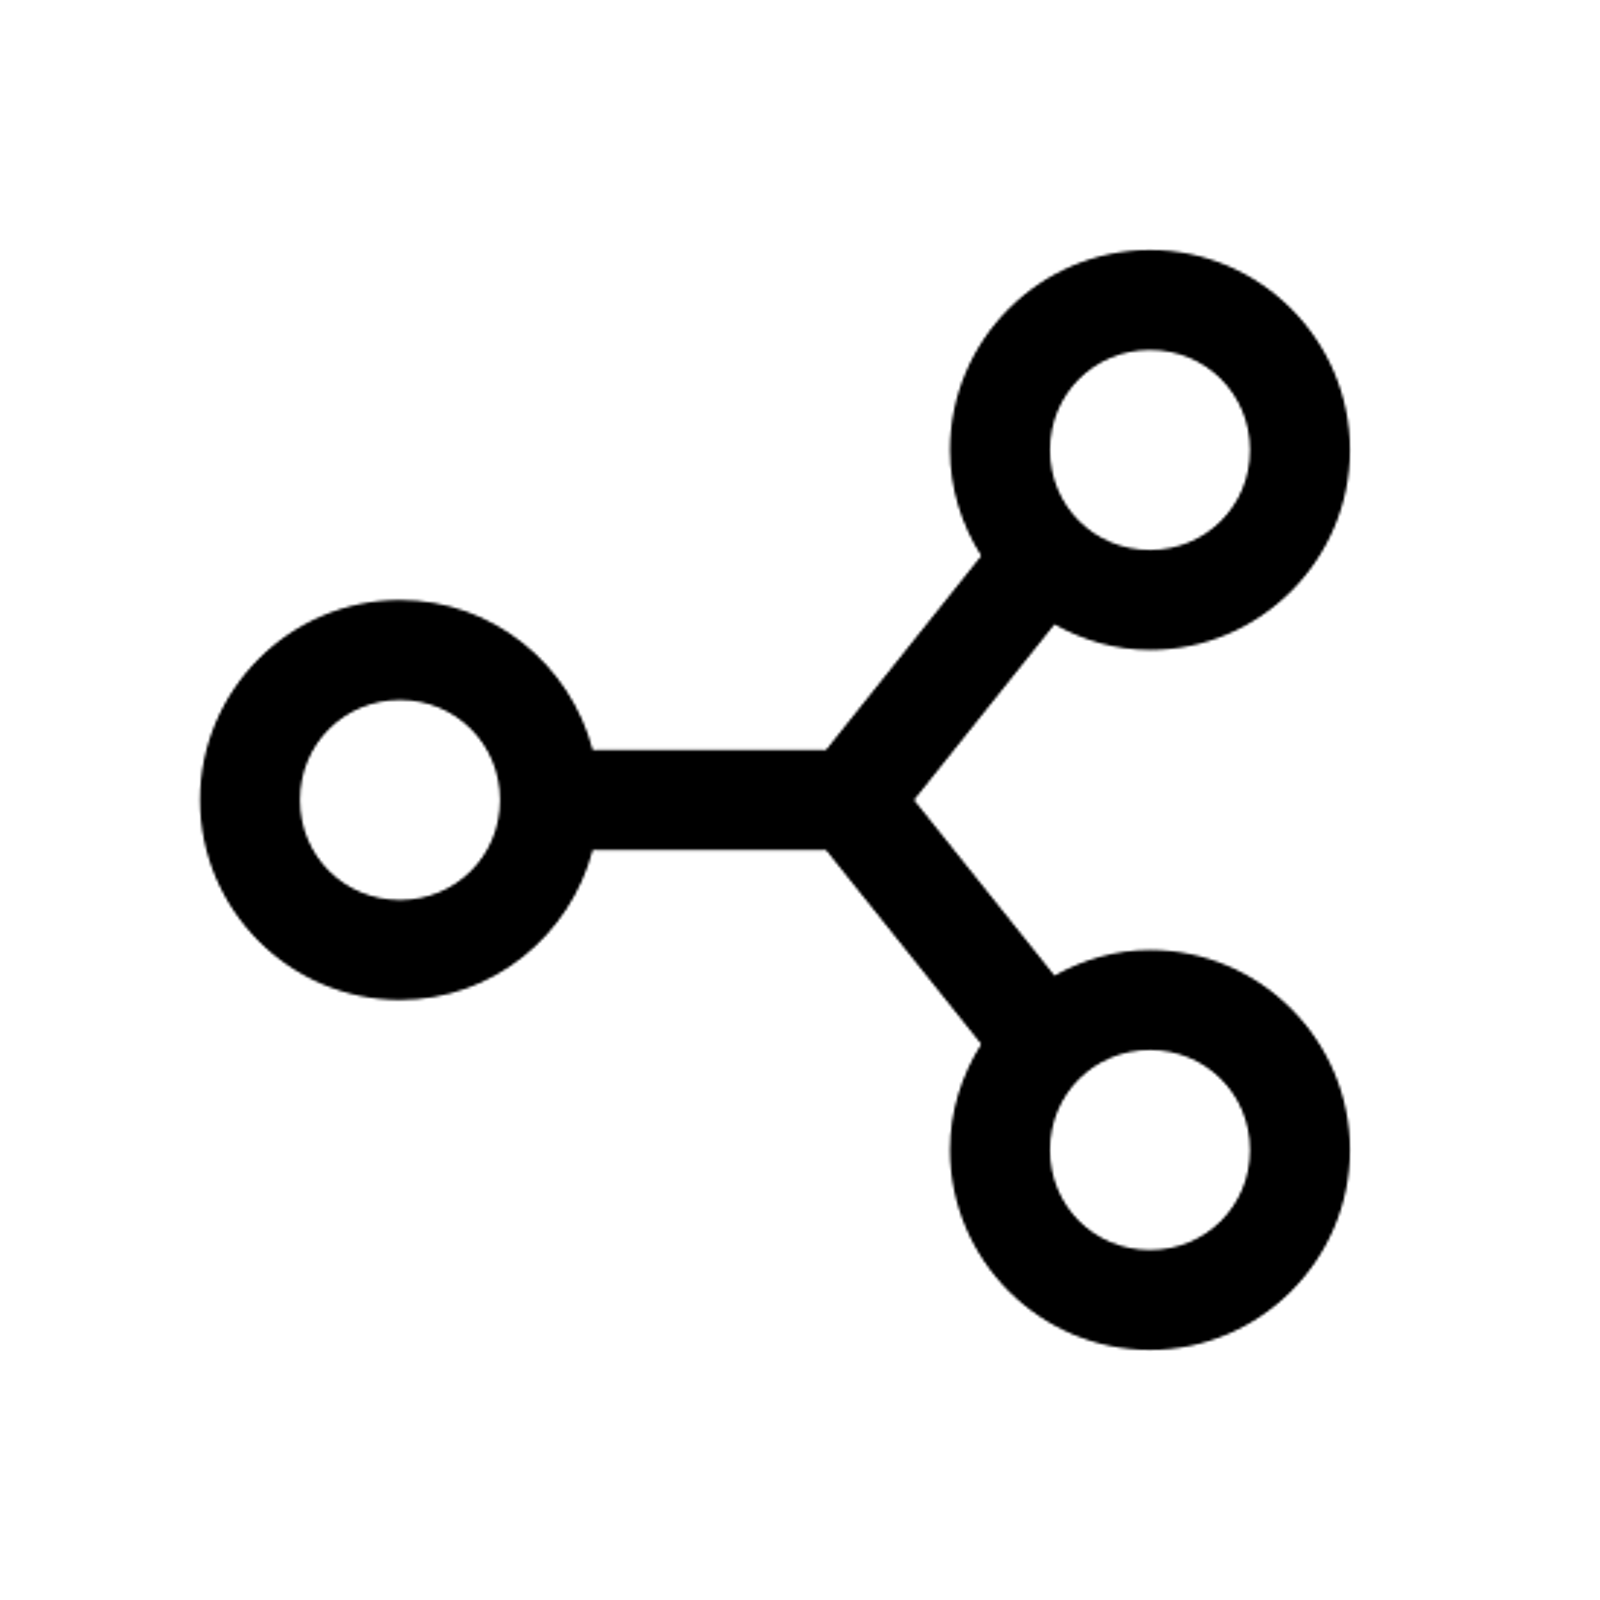 Teilen 2 icon